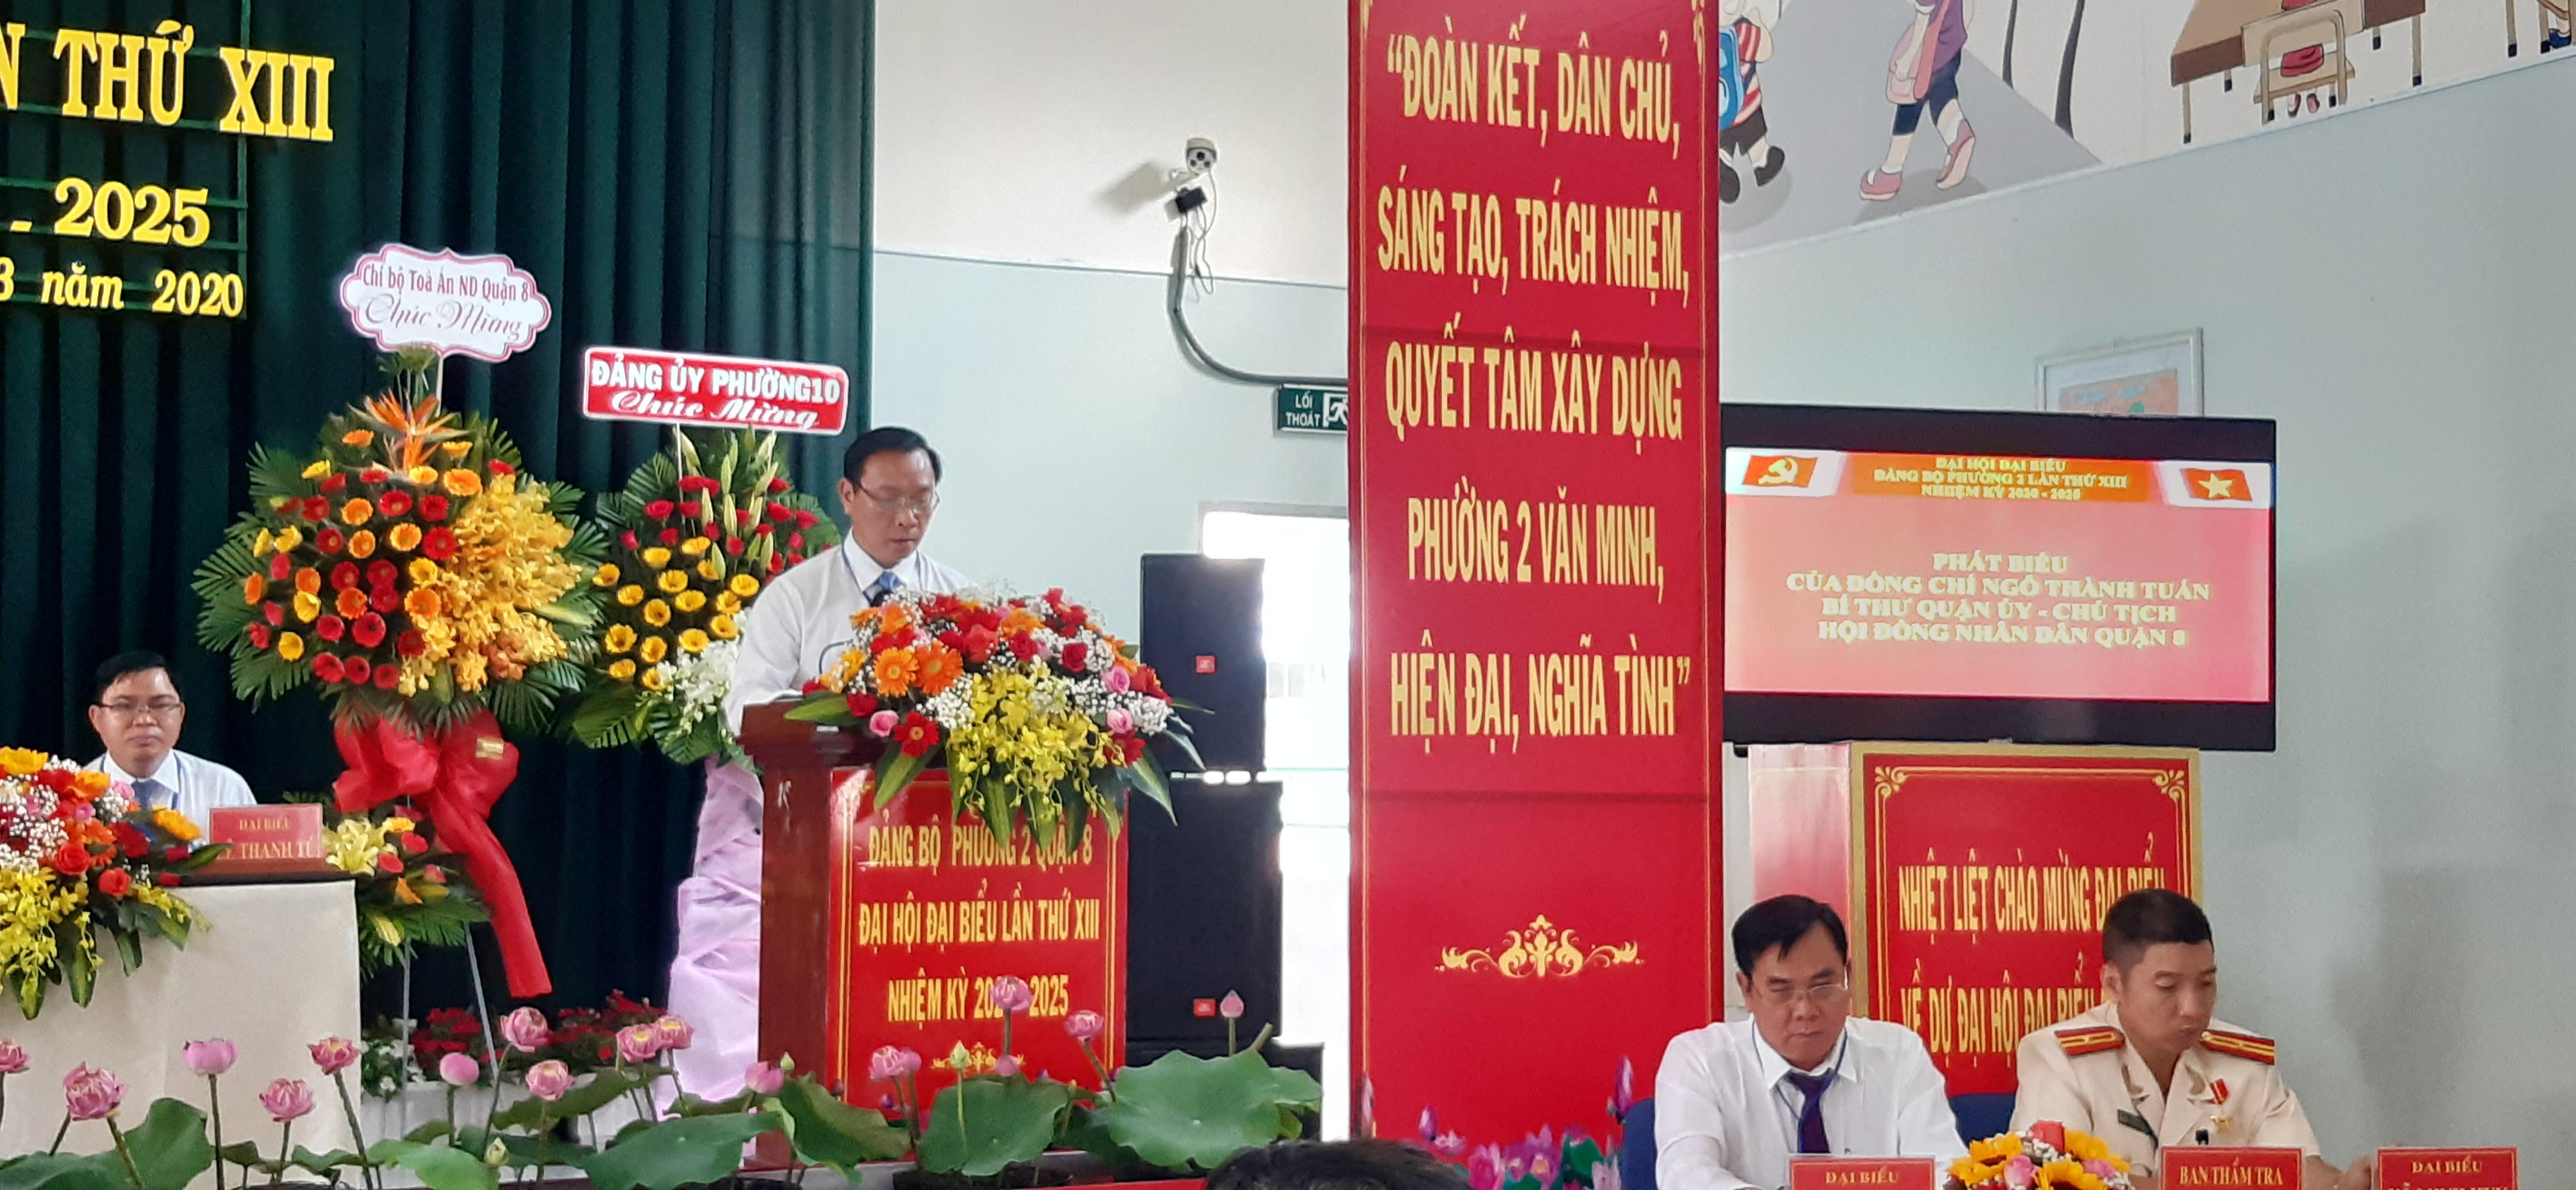 Ông Ngô Thành Tuấn phát biểu tại Đại hội